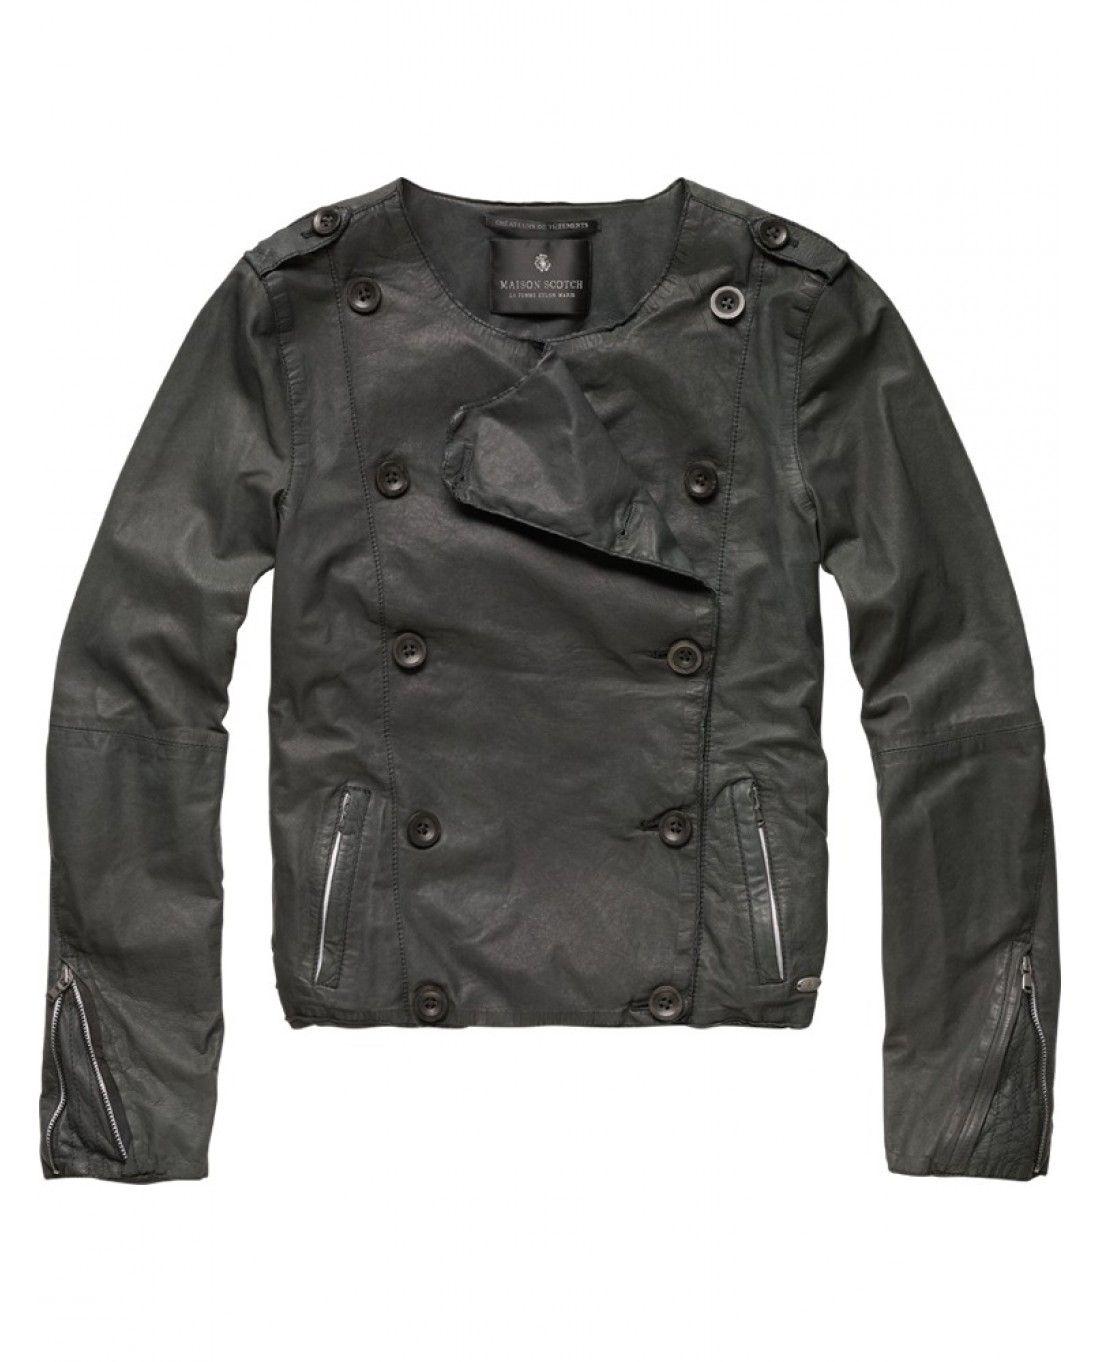 leather pea coat styled jacket ++ scotch & soda